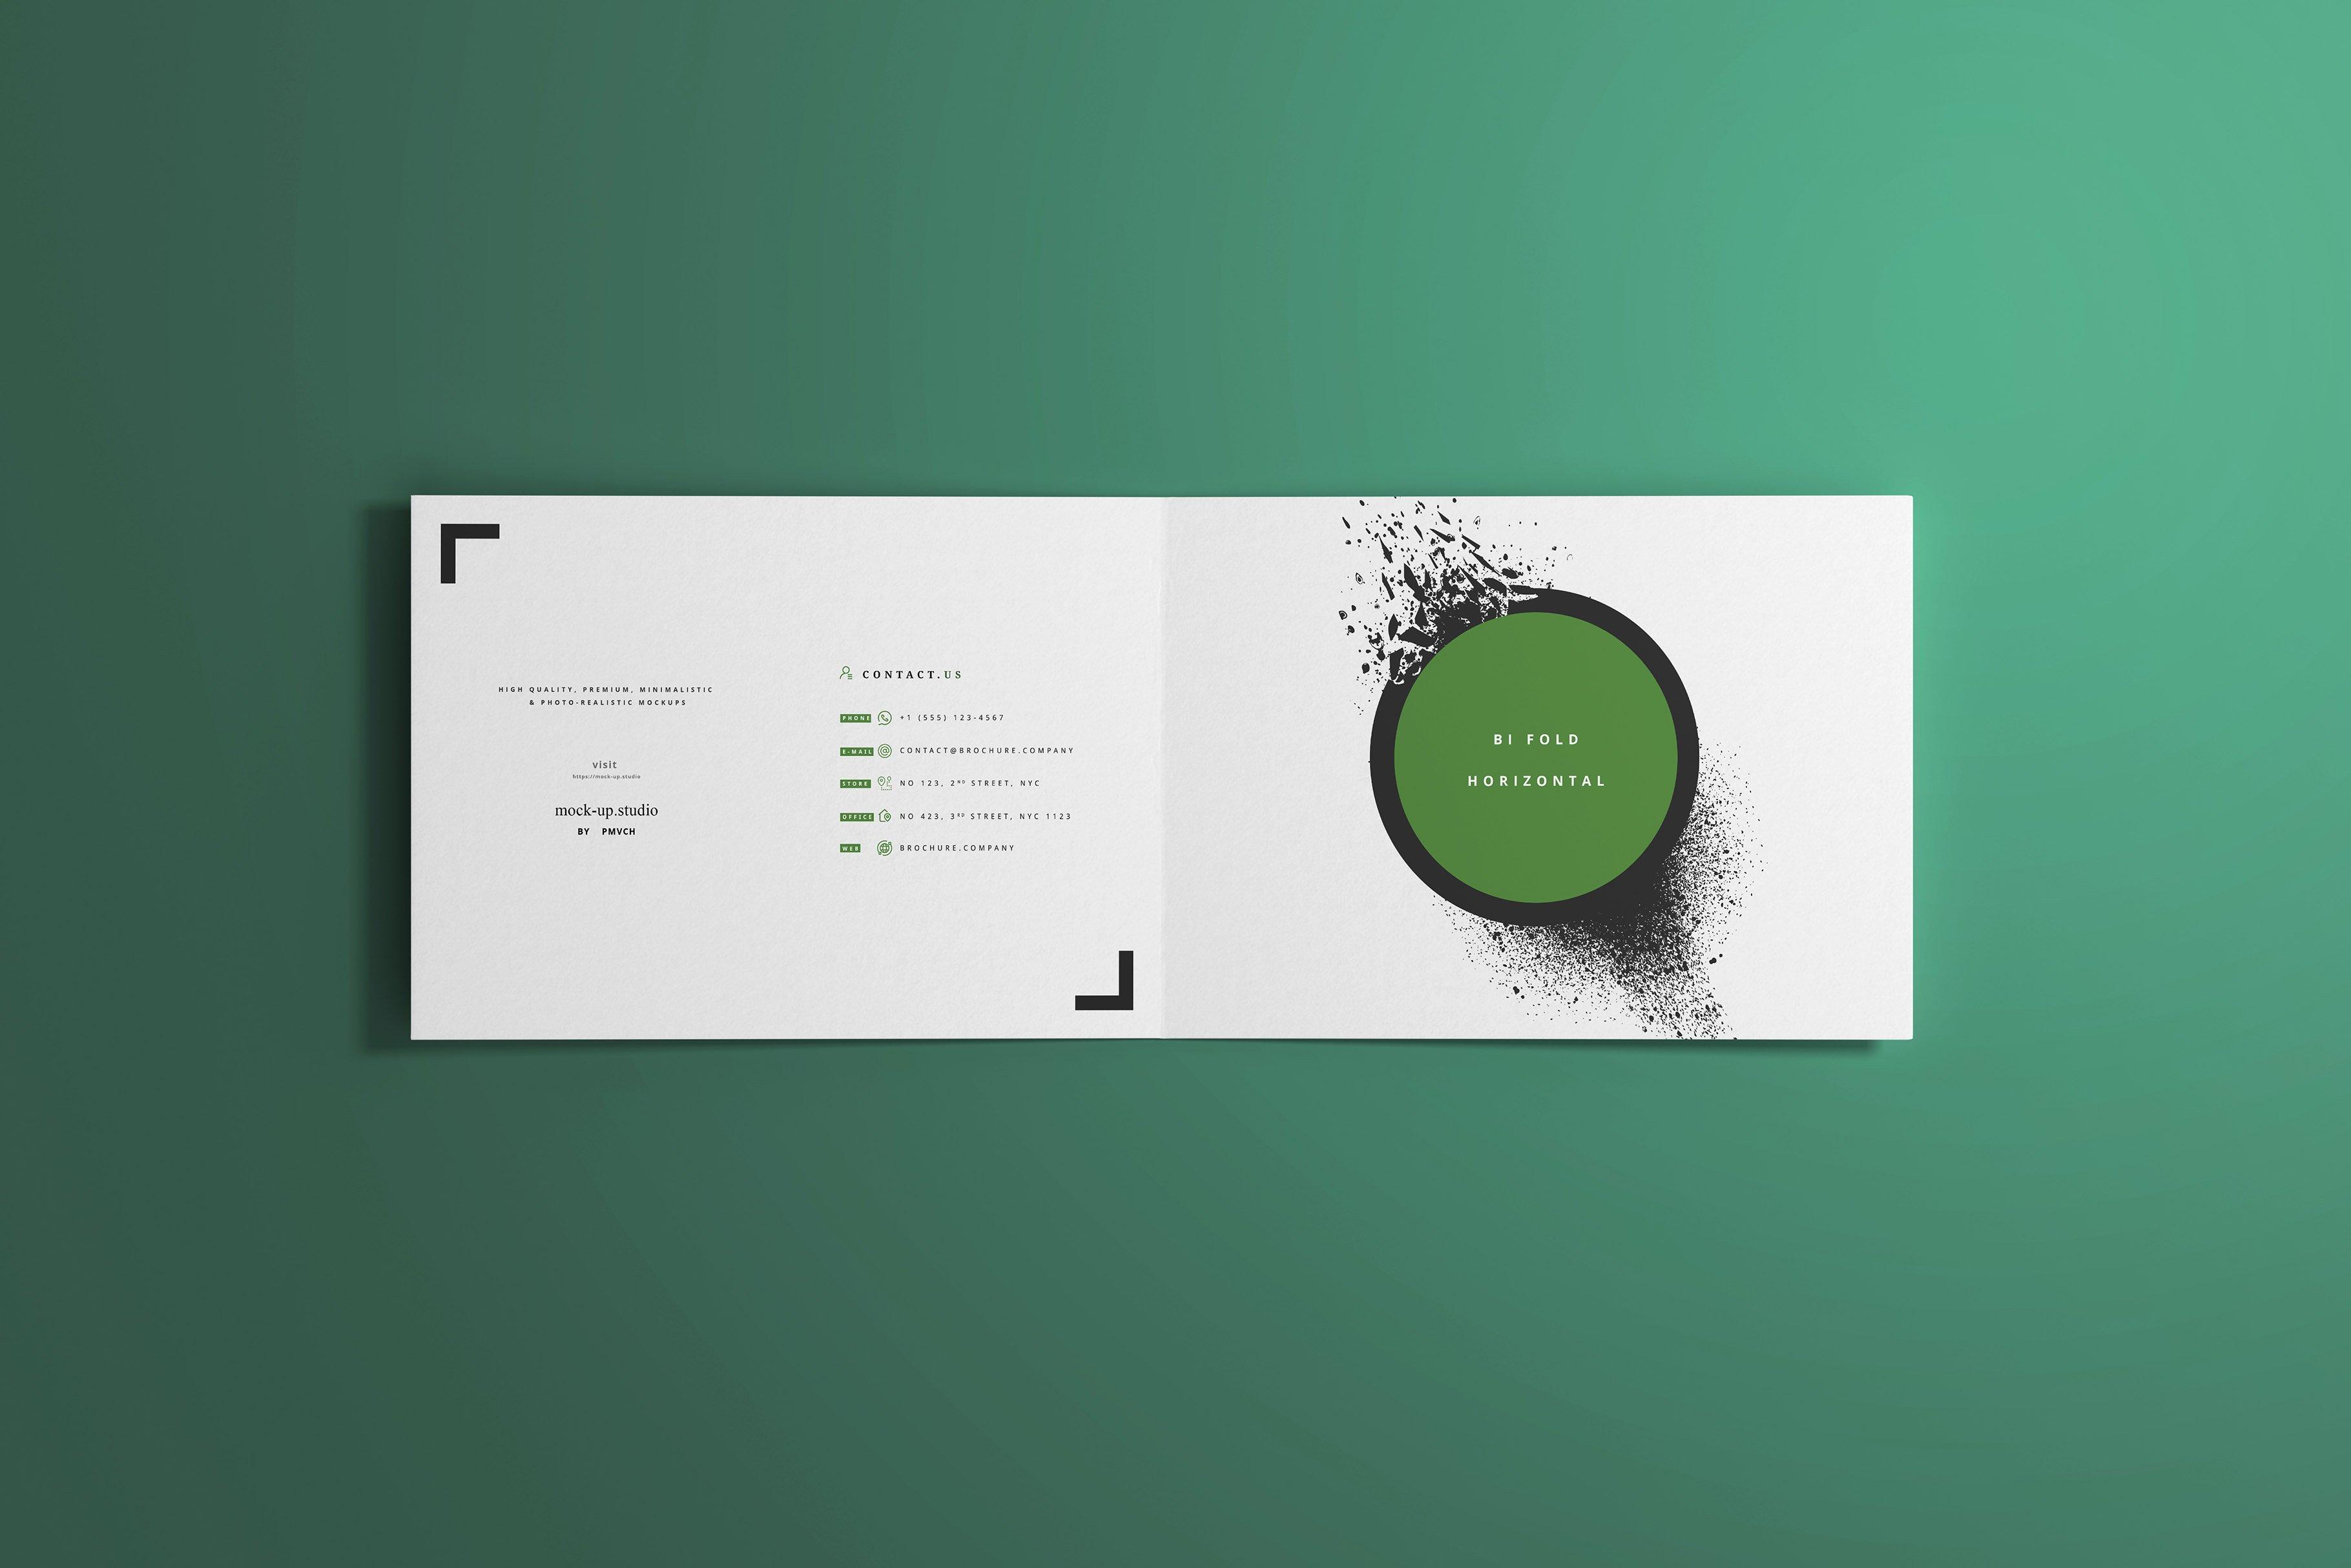 8款A4两折页小册子设计展示贴图样机模板 A4 Bi-Fold Horizontal Mockups插图(1)